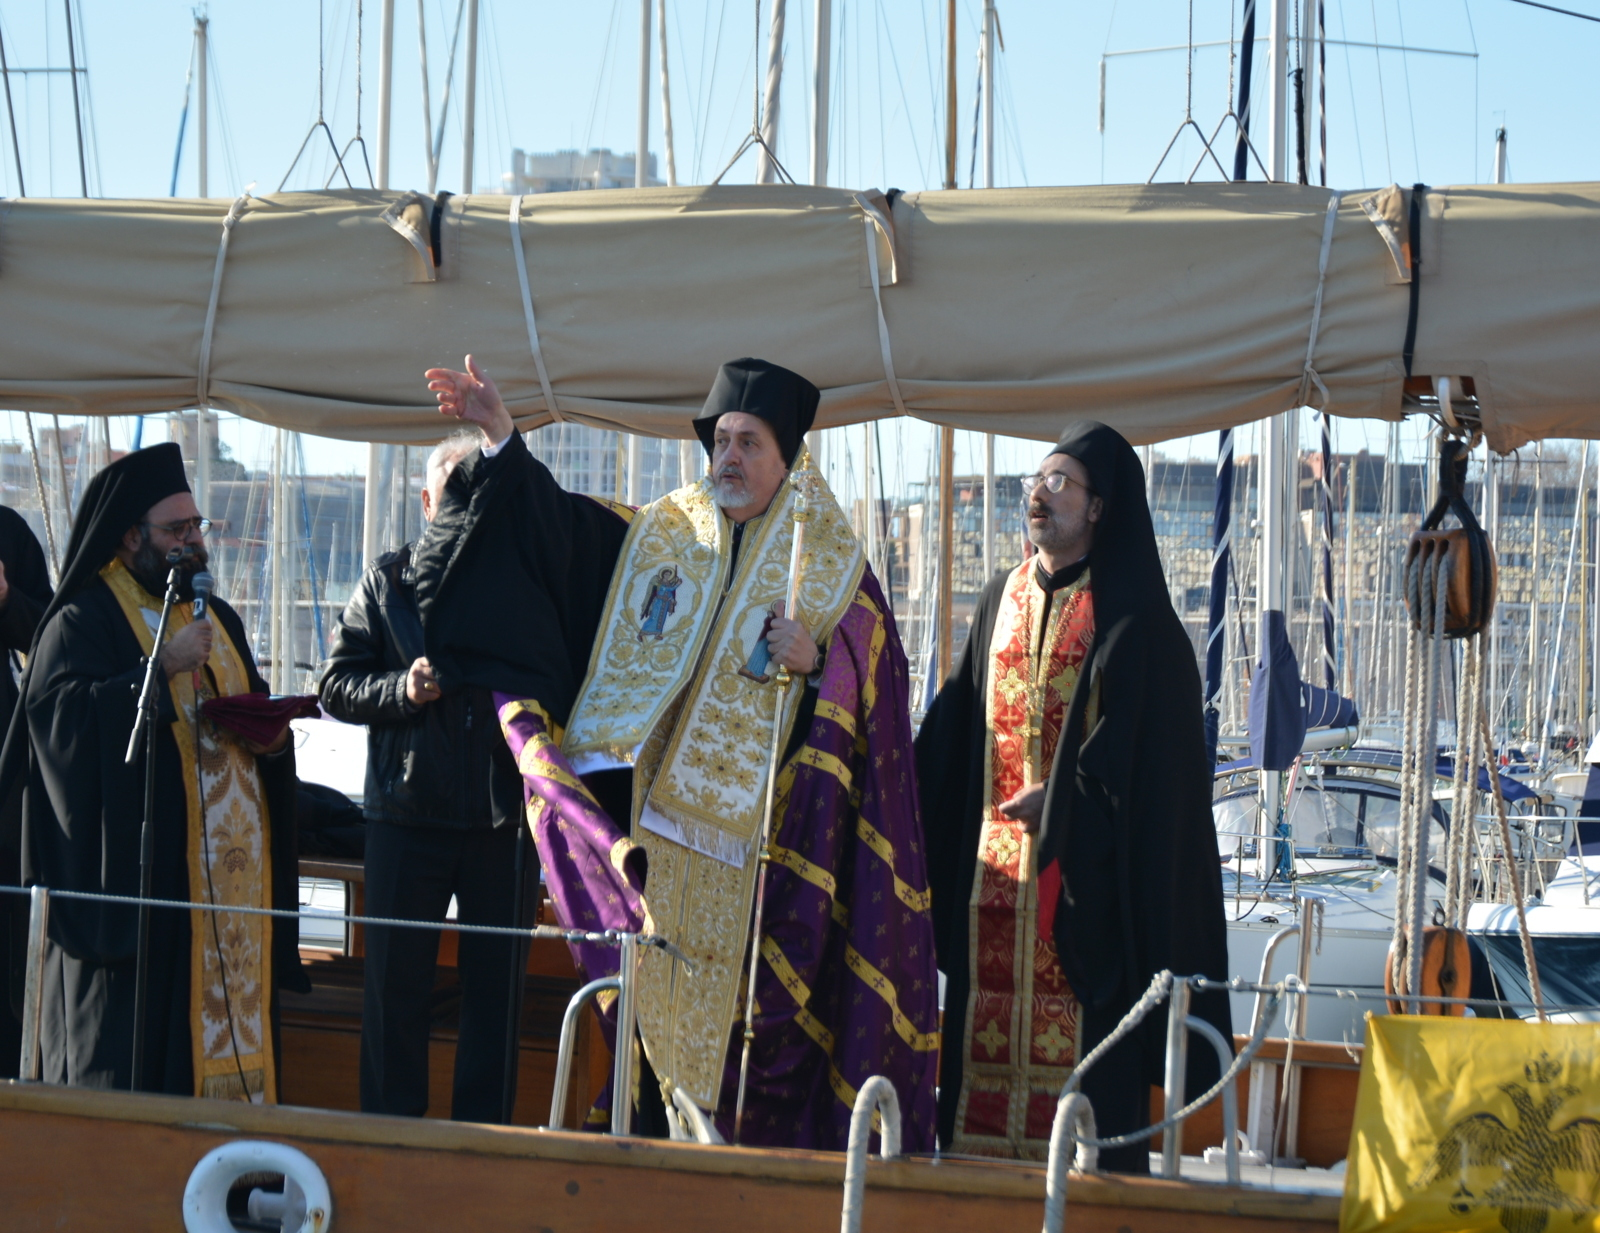 DSC 0913 - Η κατάδυση του Τιμίου Σταυρού στη Μασσαλία (φωτο)